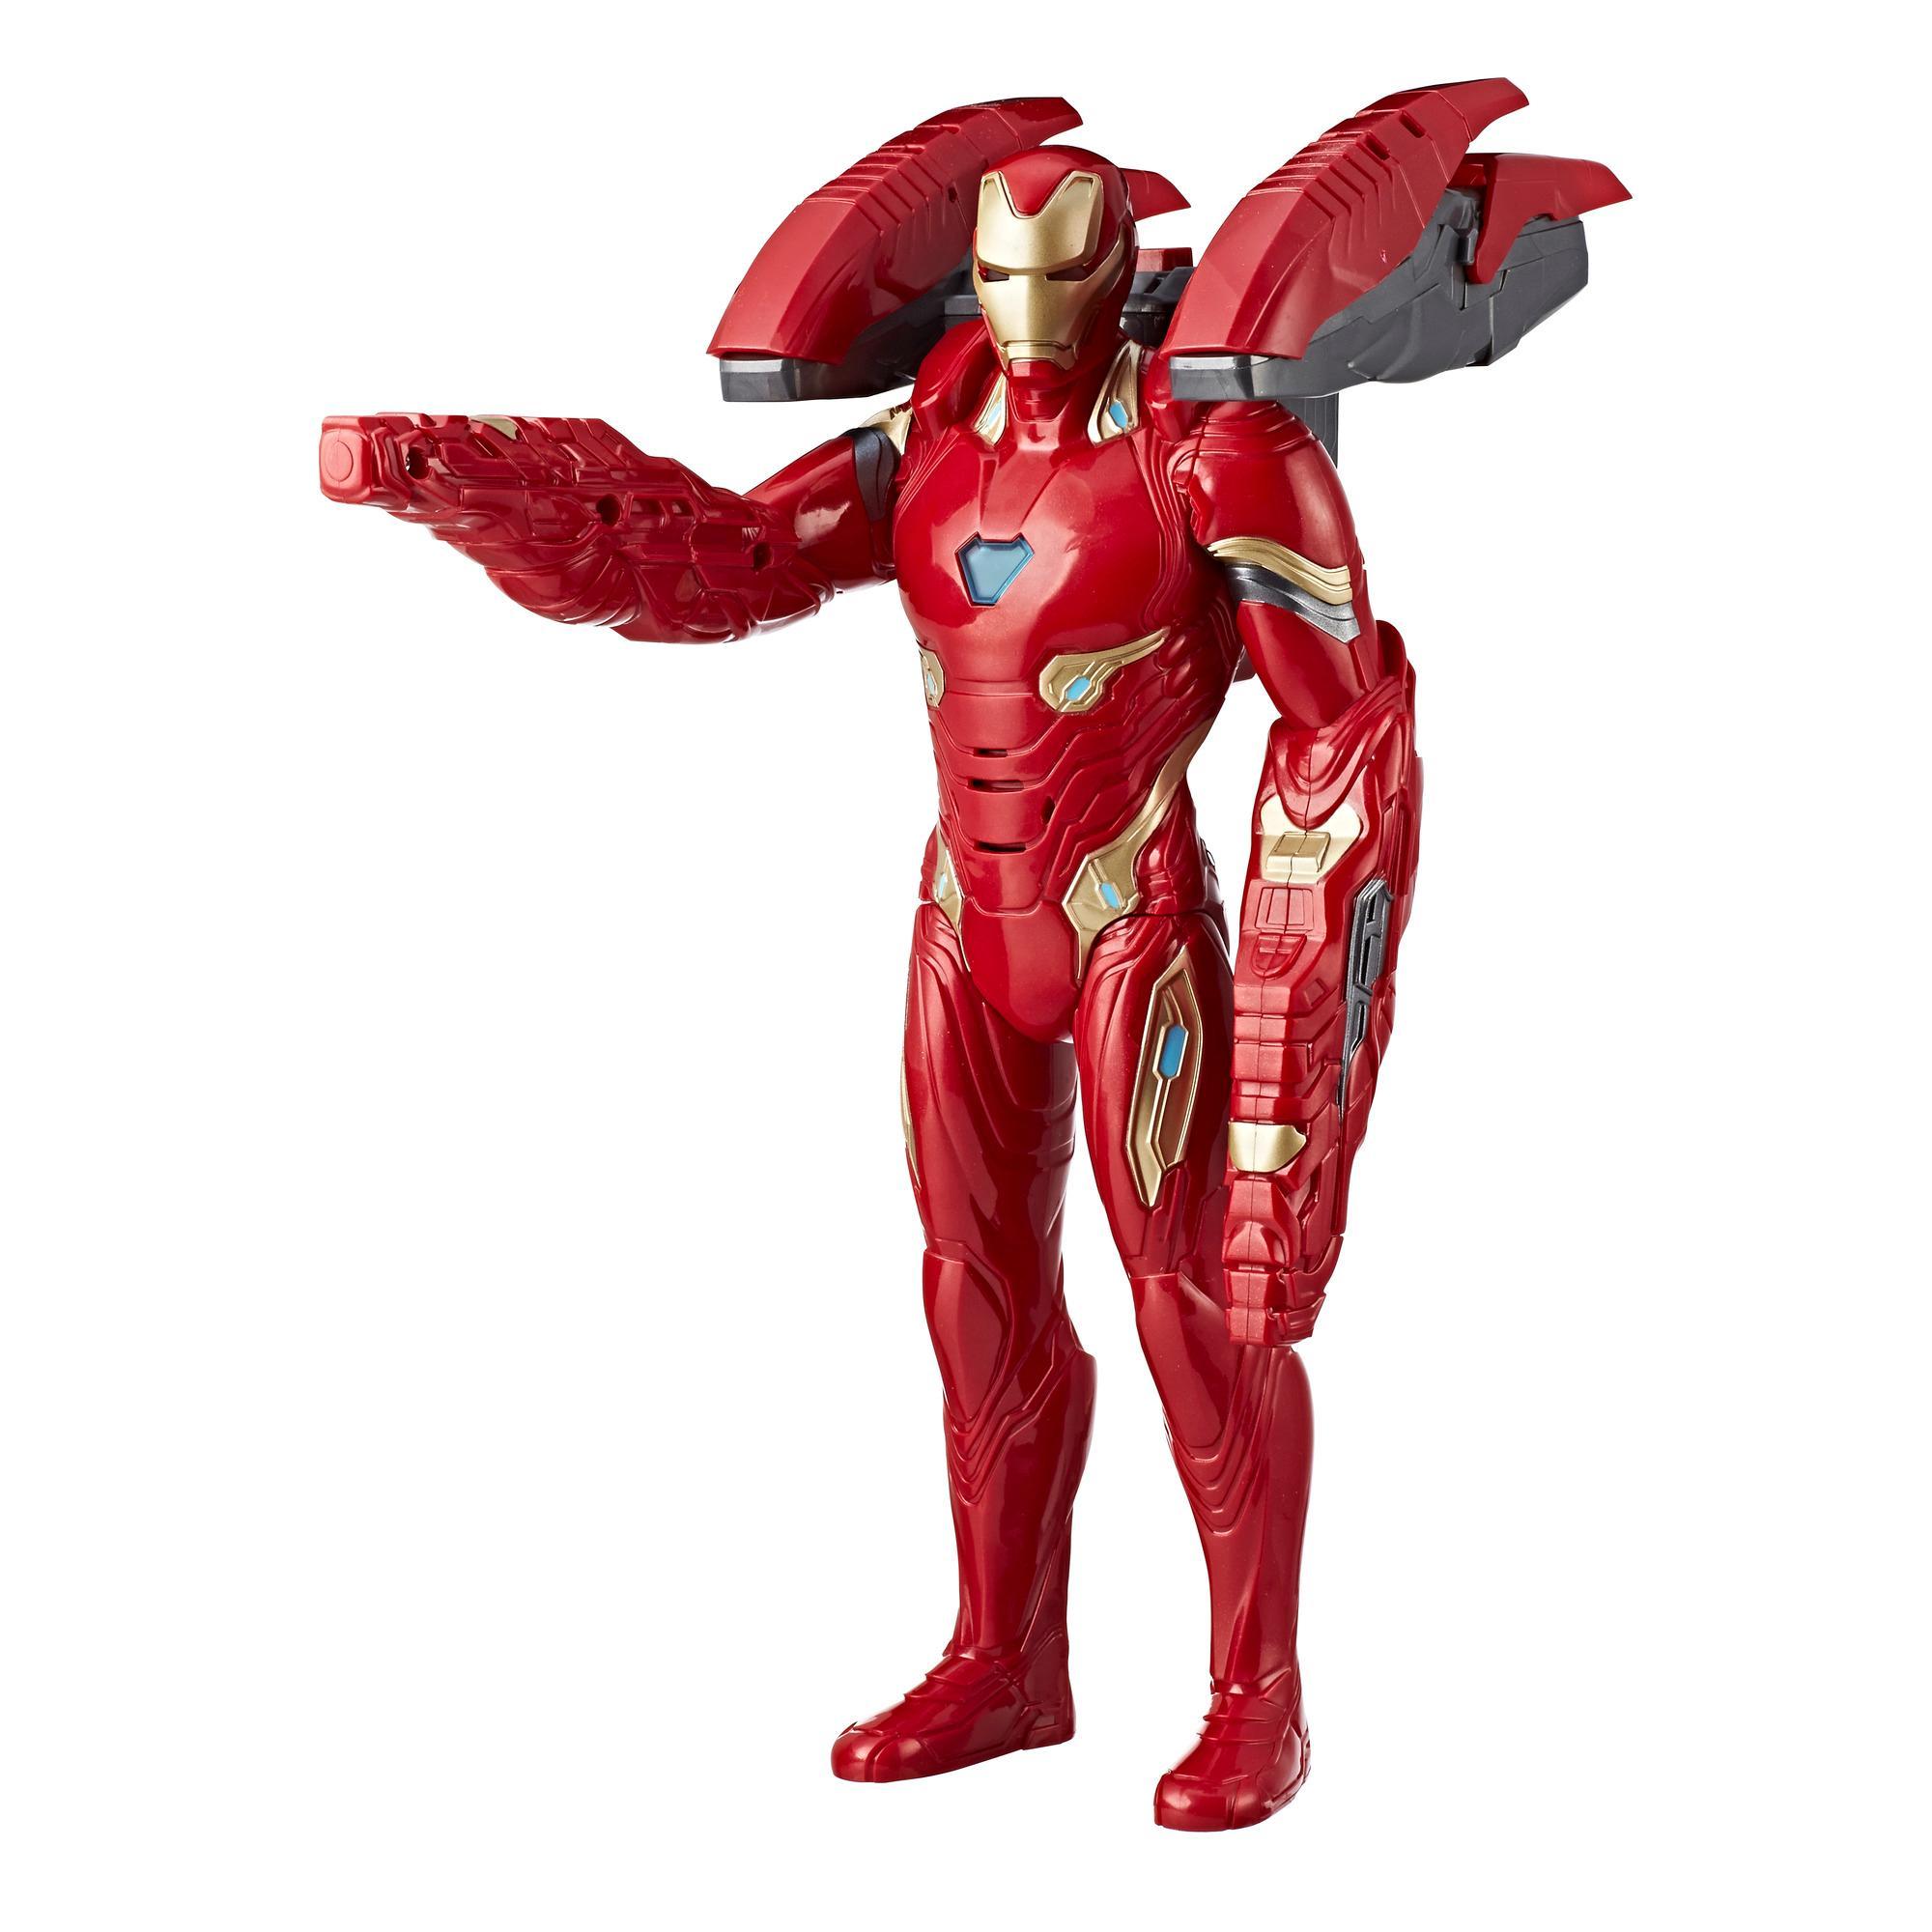 Marvel Avengers: Guerra del Infinito - Figura de Iron Man Tecnomisión